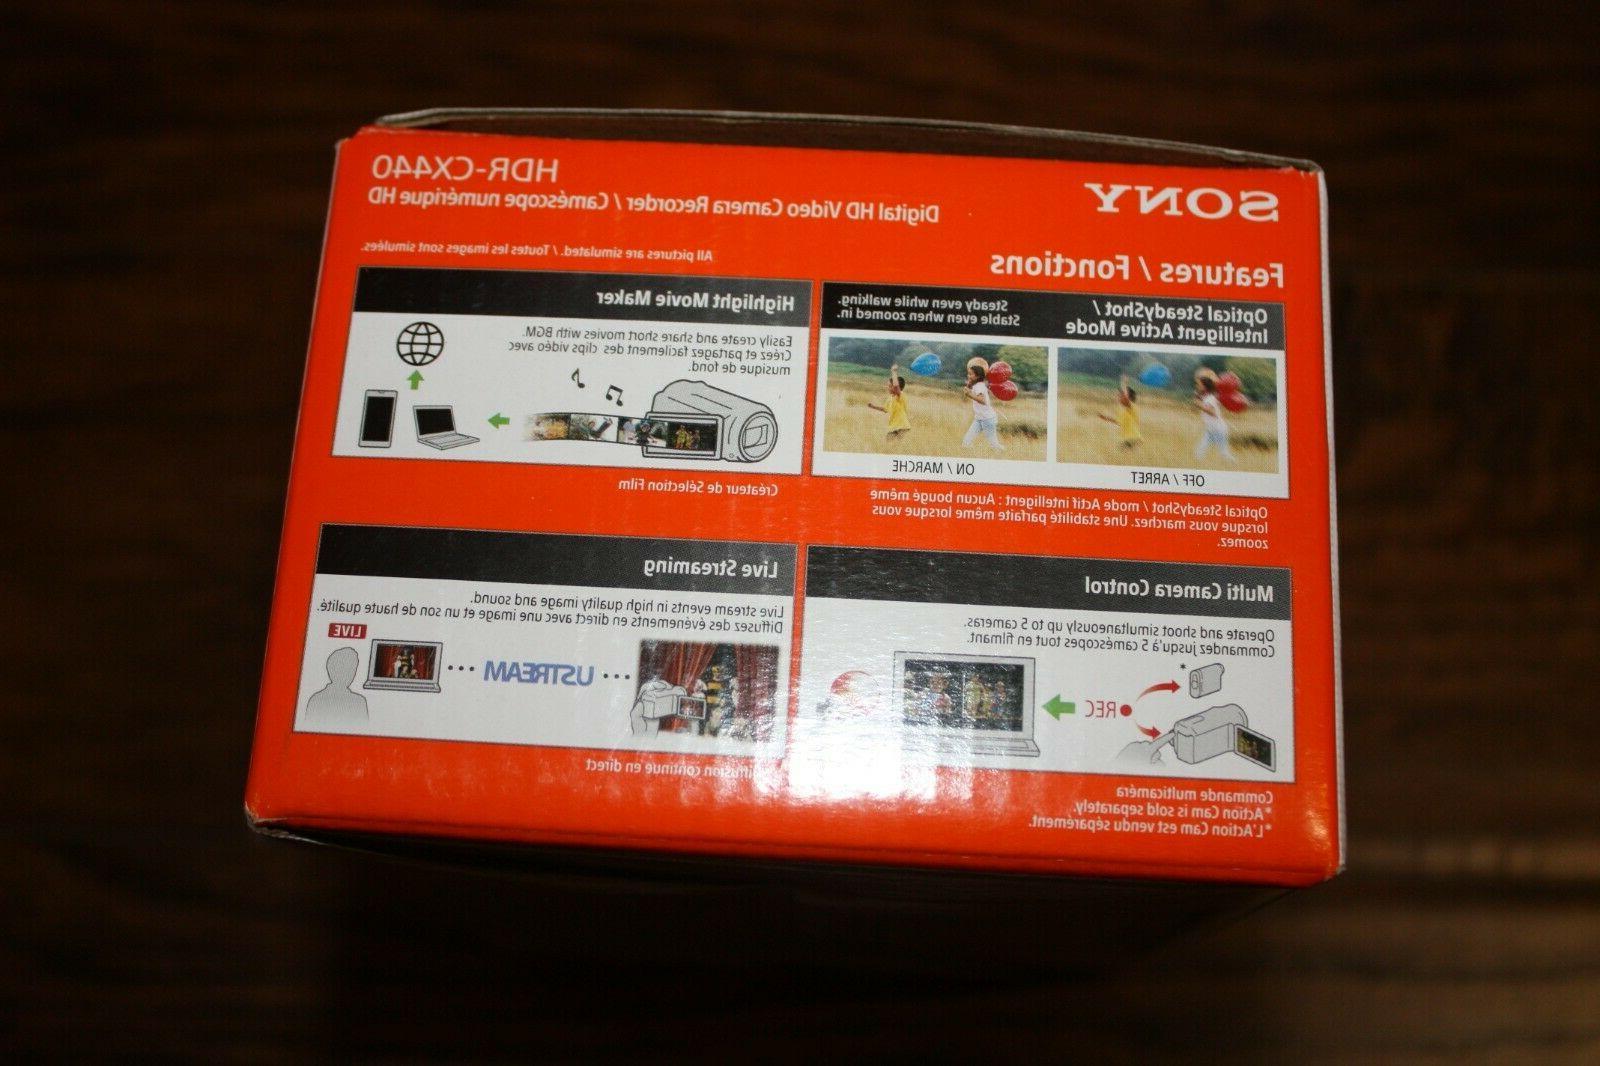 Brand Handycam 9.2 Full 1080